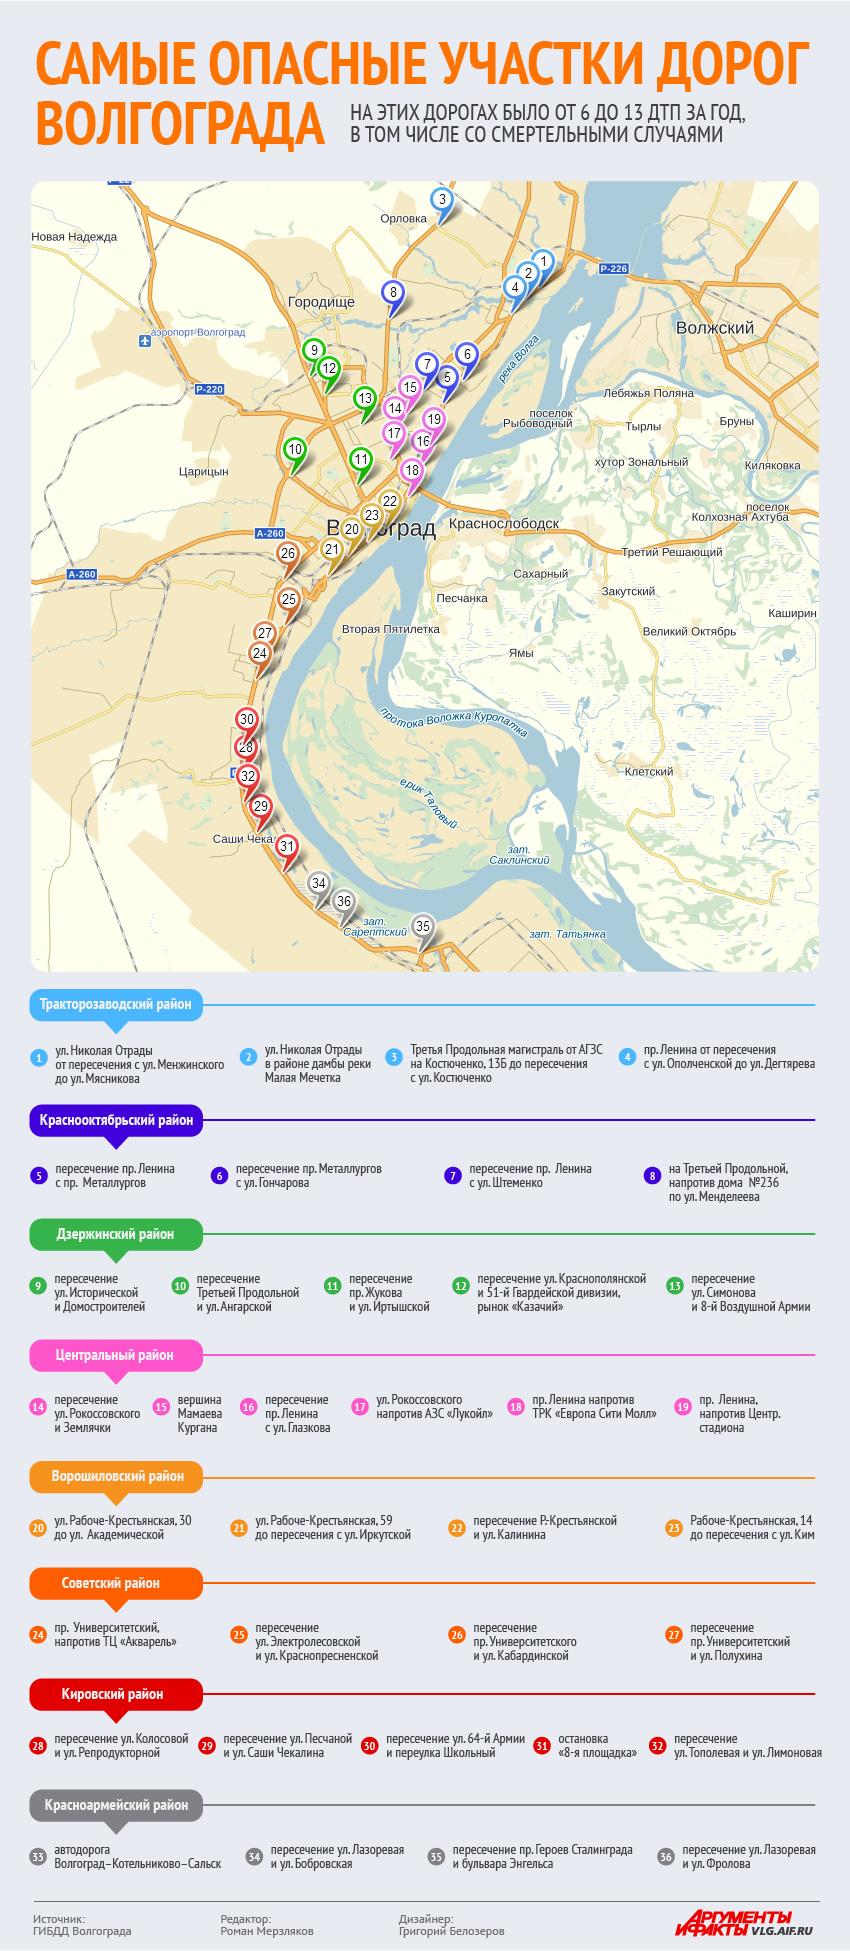 Самые опасные дороги Волгограда. Инфографика